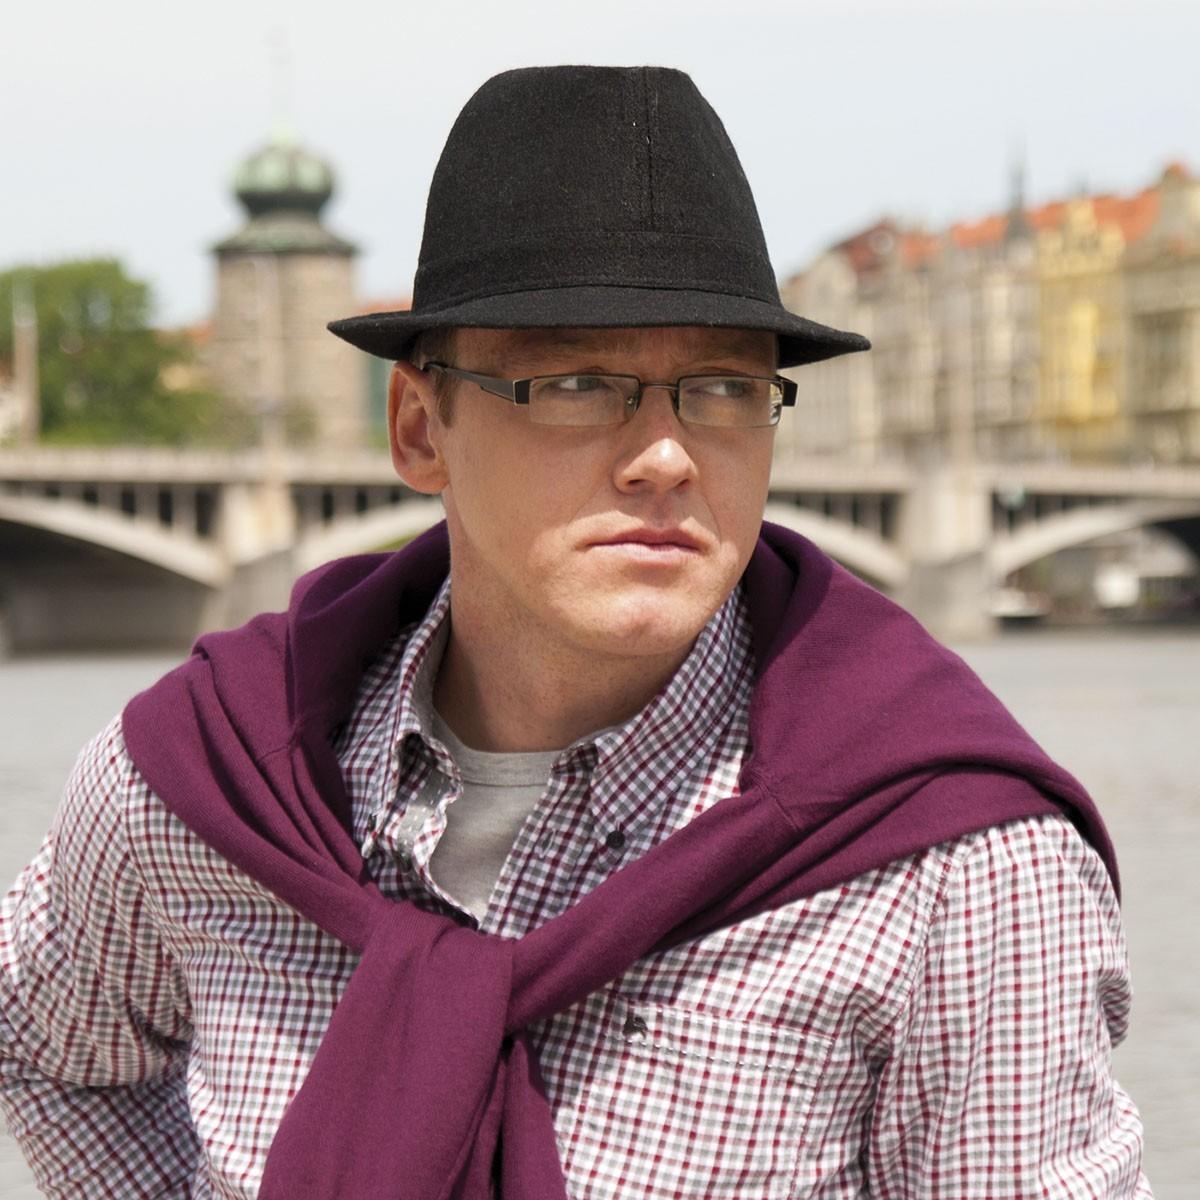 pánský šitý klobouk jednobarevný